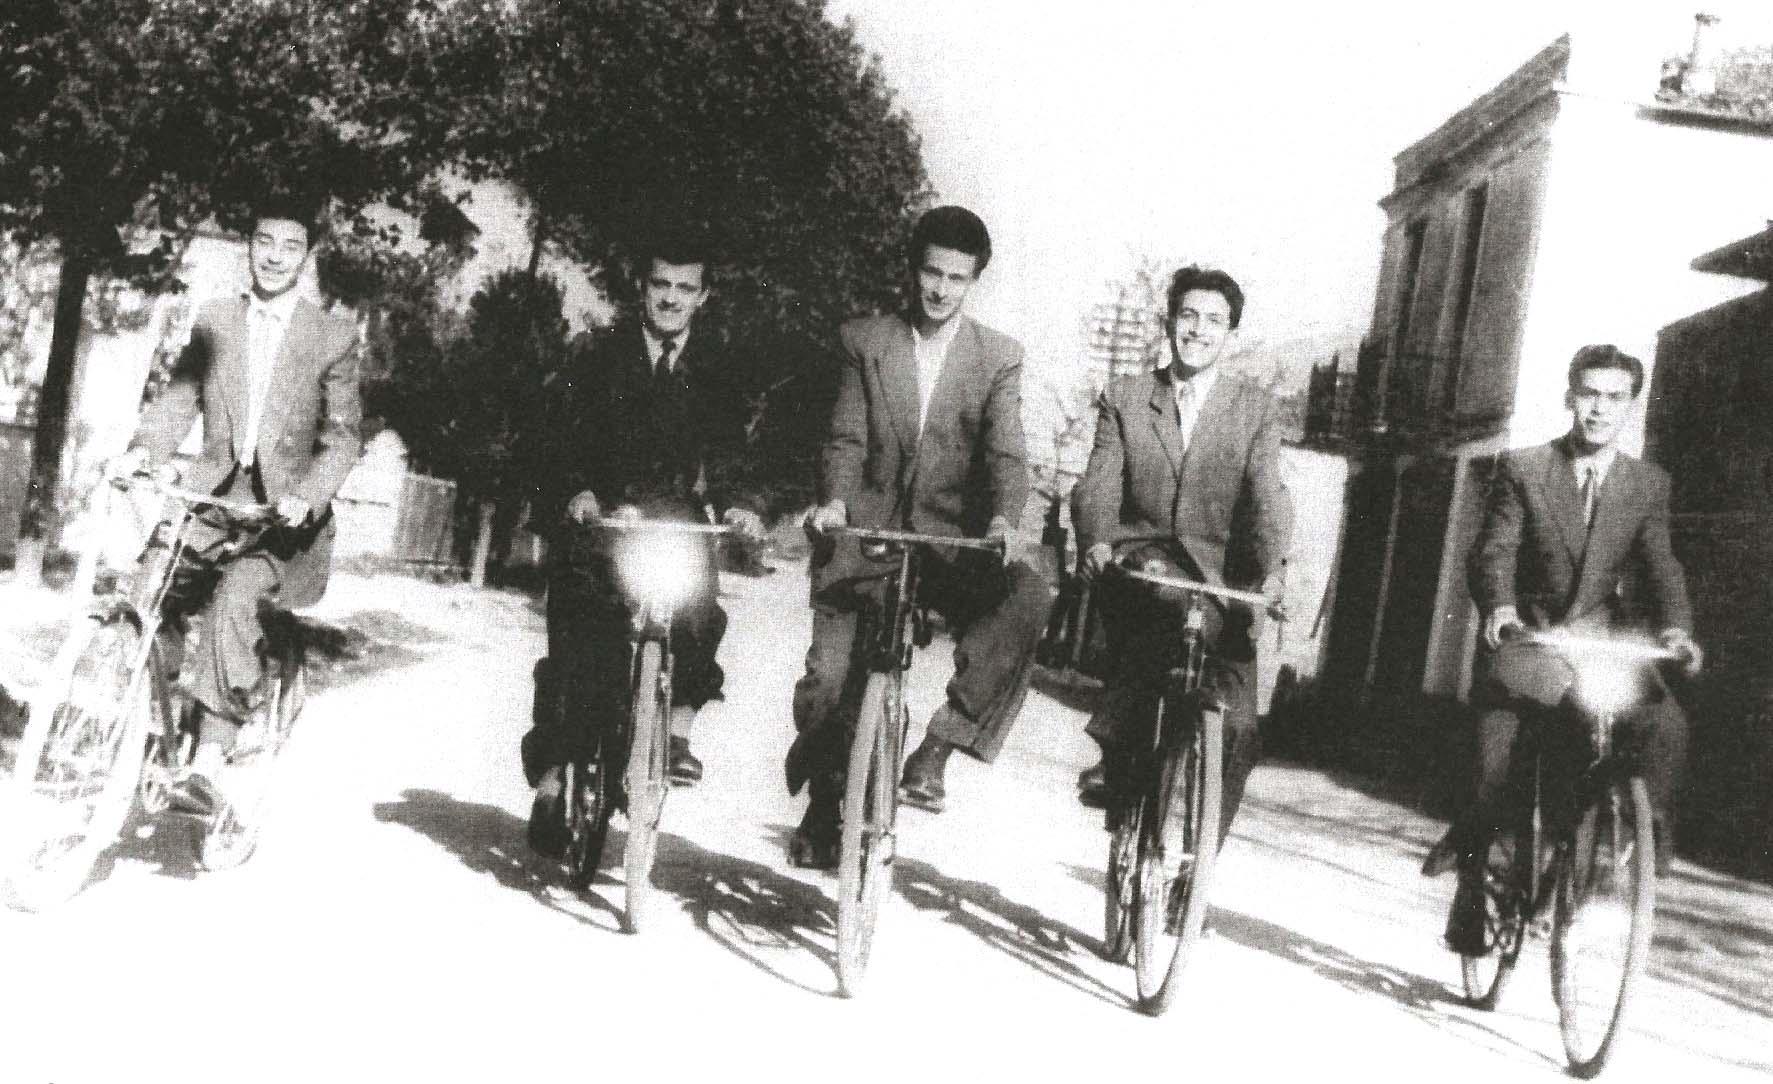 ΦΩΤΟΓΡΑΦΙΑ ΜΕ ΚΟΖΑΝΙΤΕΣ ΠΟΔΗΛΑΤΕΣ ΤΟ 1952